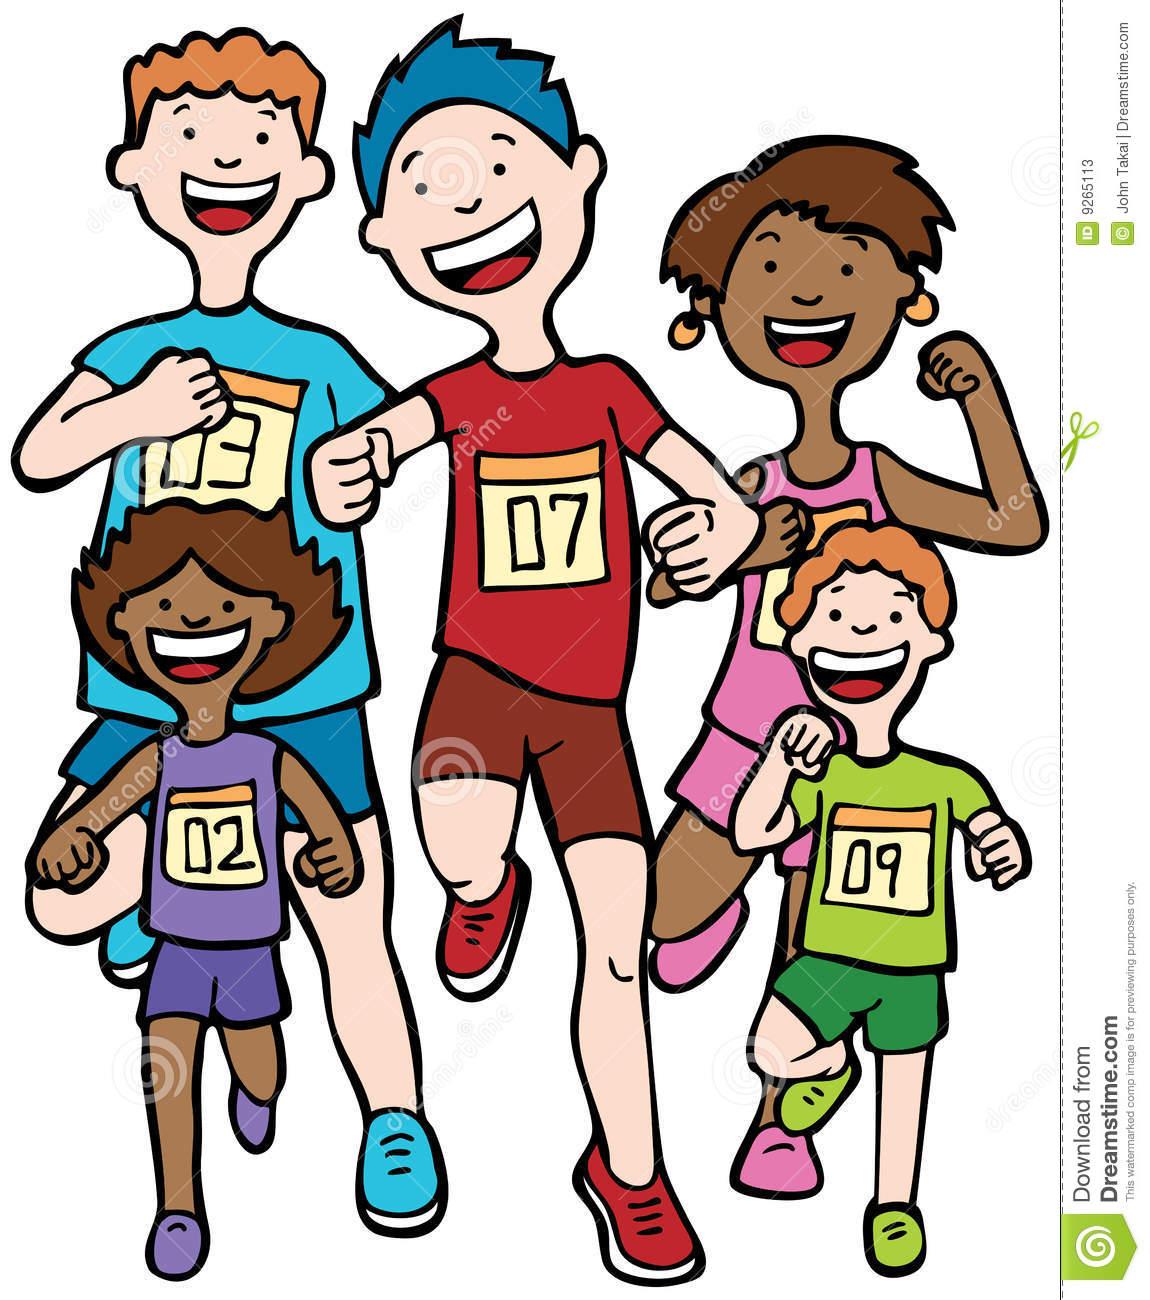 Go Back Images For Track Runner Clip Art-Go Back Images For Track Runner Clip Art-6